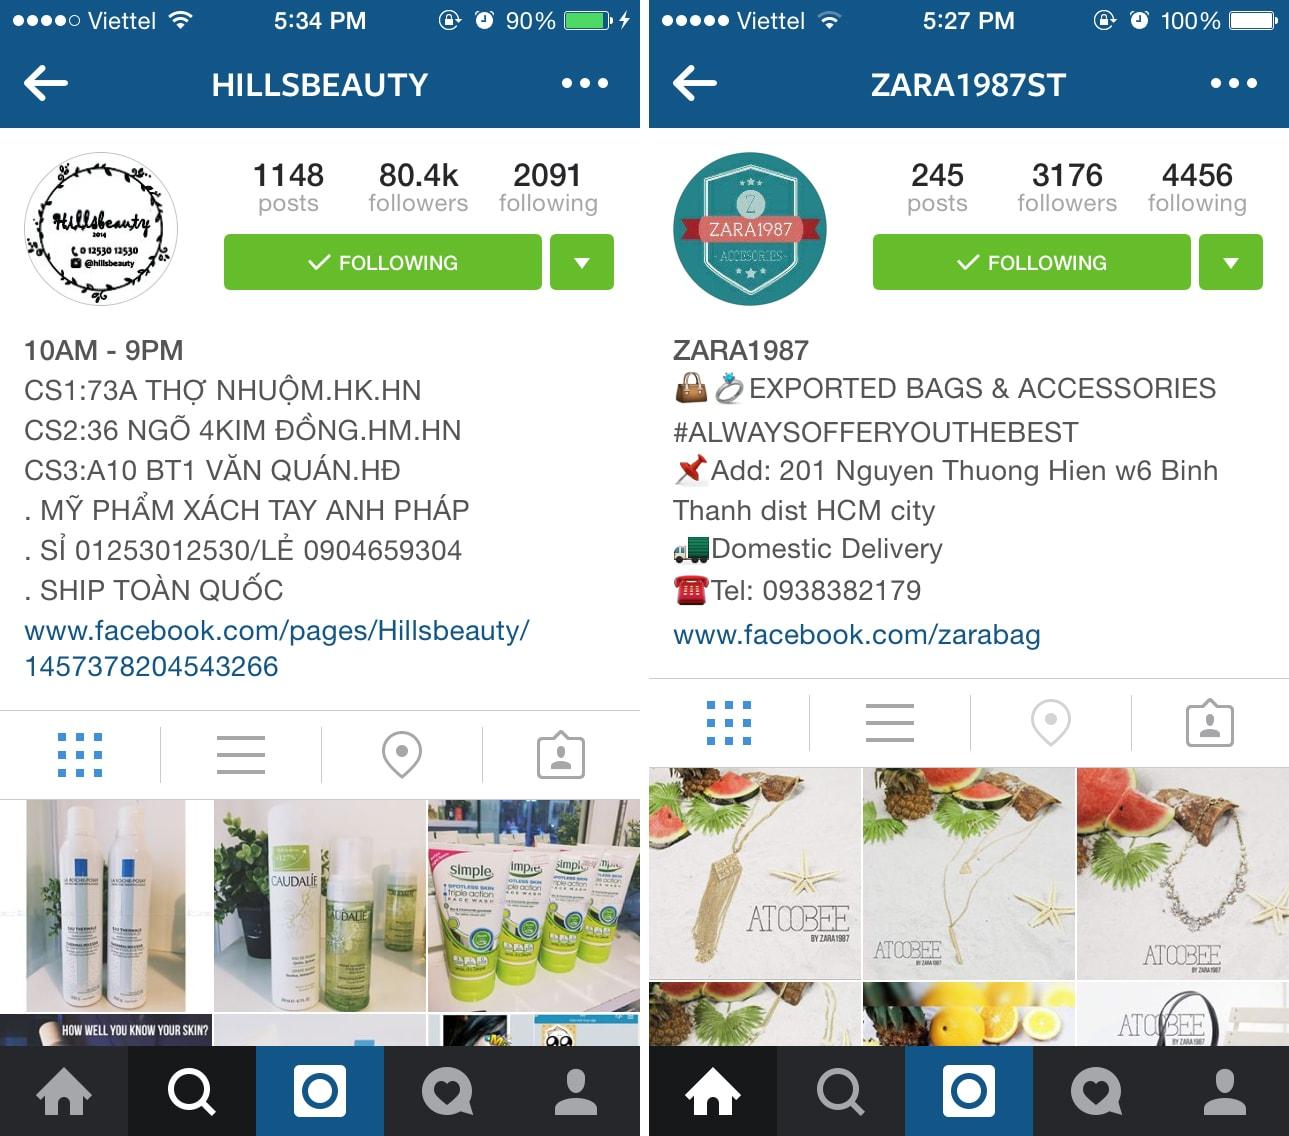 Mô tả về shop thật kỹ khi bán hàng trên instagram